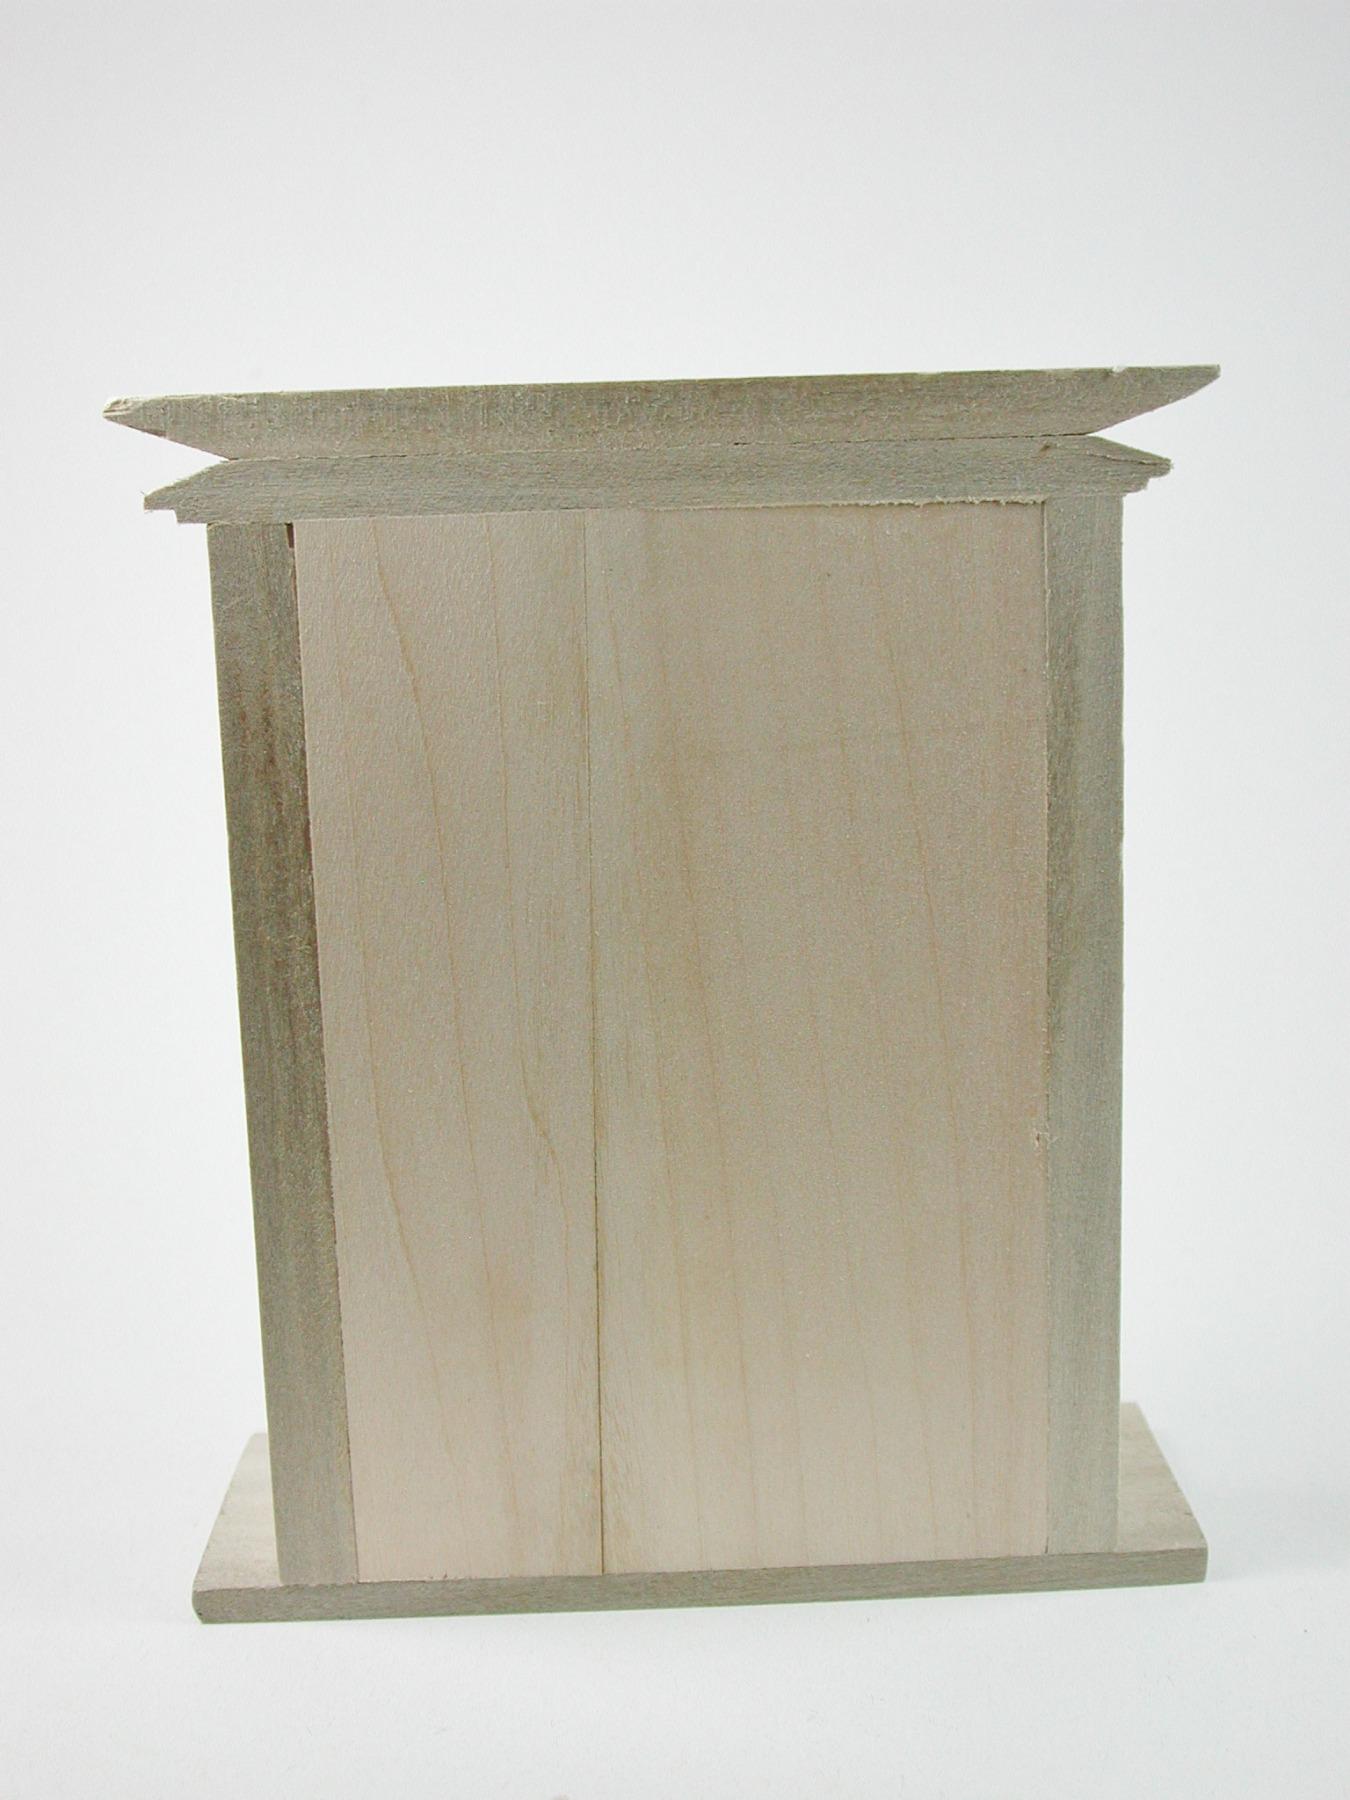 Kamin aus Holz unbehandelt für die